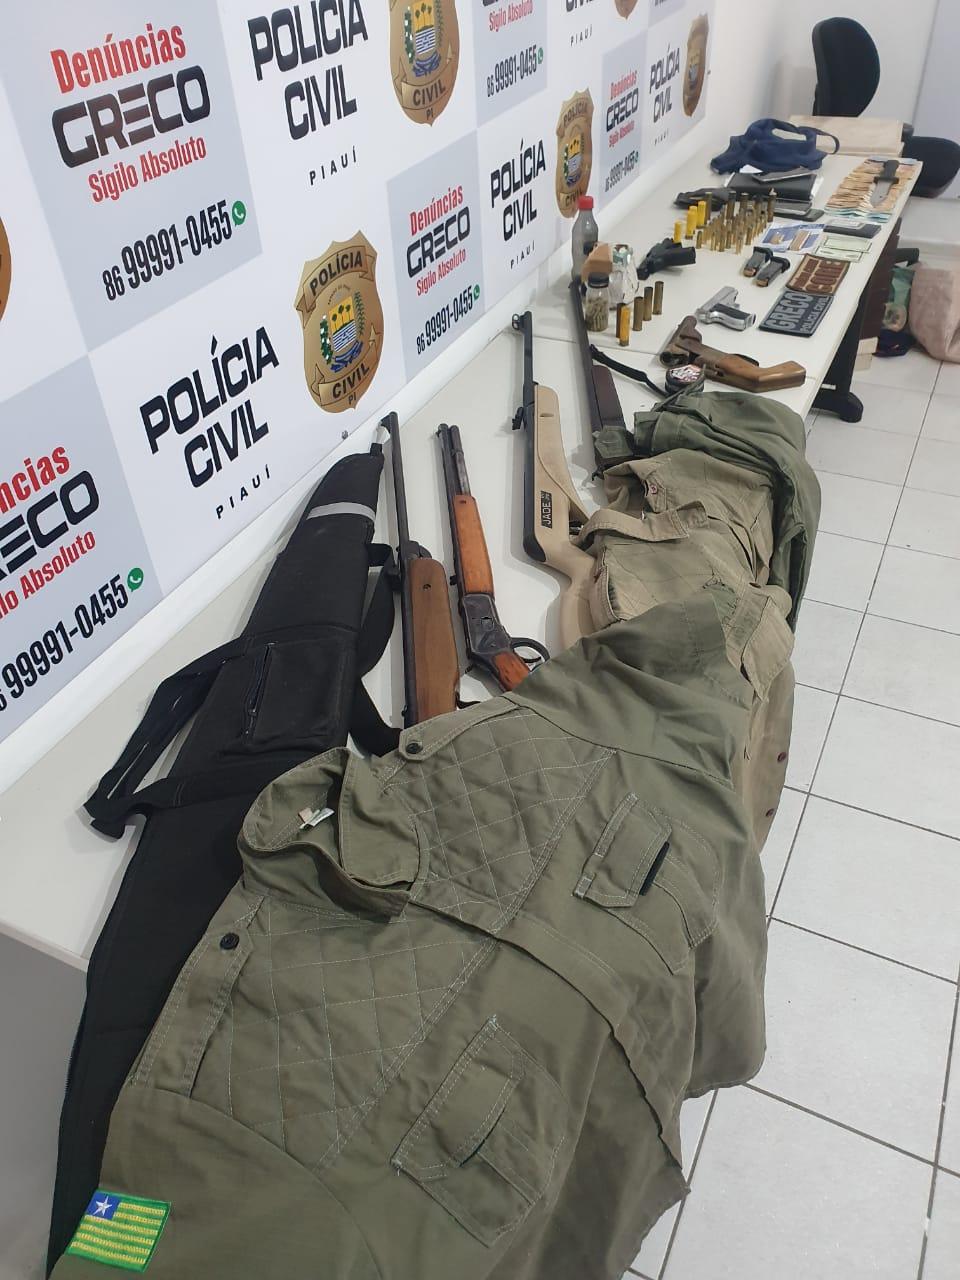 Muitas armas e até farda da Polícia Militar foram encontrados com os bandidos - Foto: Divulgação/Polícia Civil